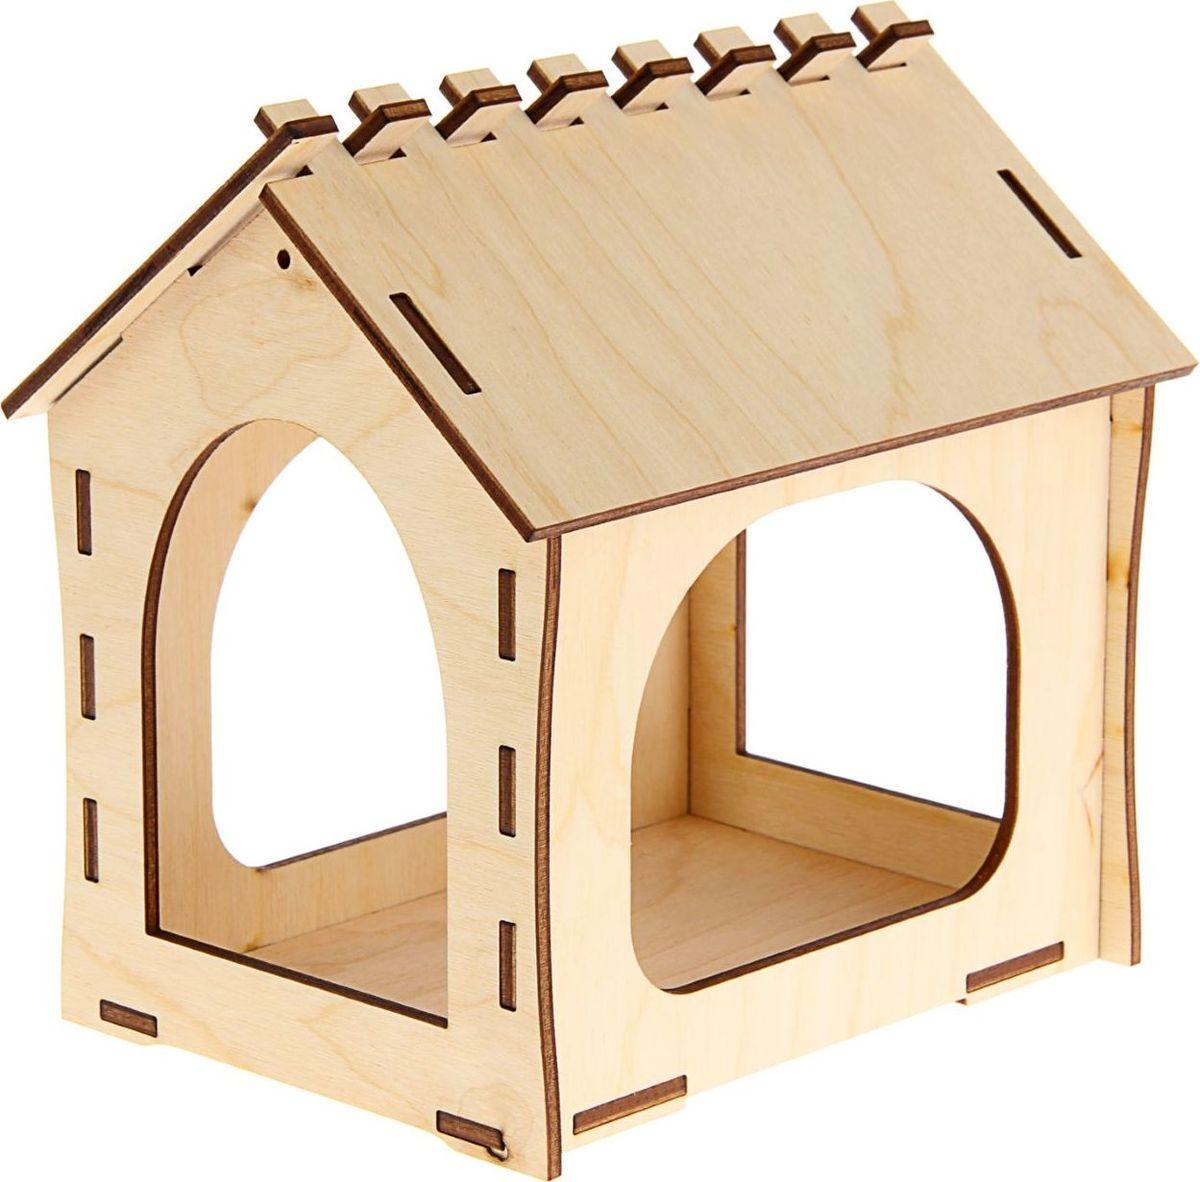 Кормушка для птиц ТД ДМ, 18,5 х 13,5 х 18,5 смC0038550Кормушка для птиц ТД ДМ, раскроет неожиданные способности у вашего ребёнка. Сборная конструкция изделия изготовлена из дерева.